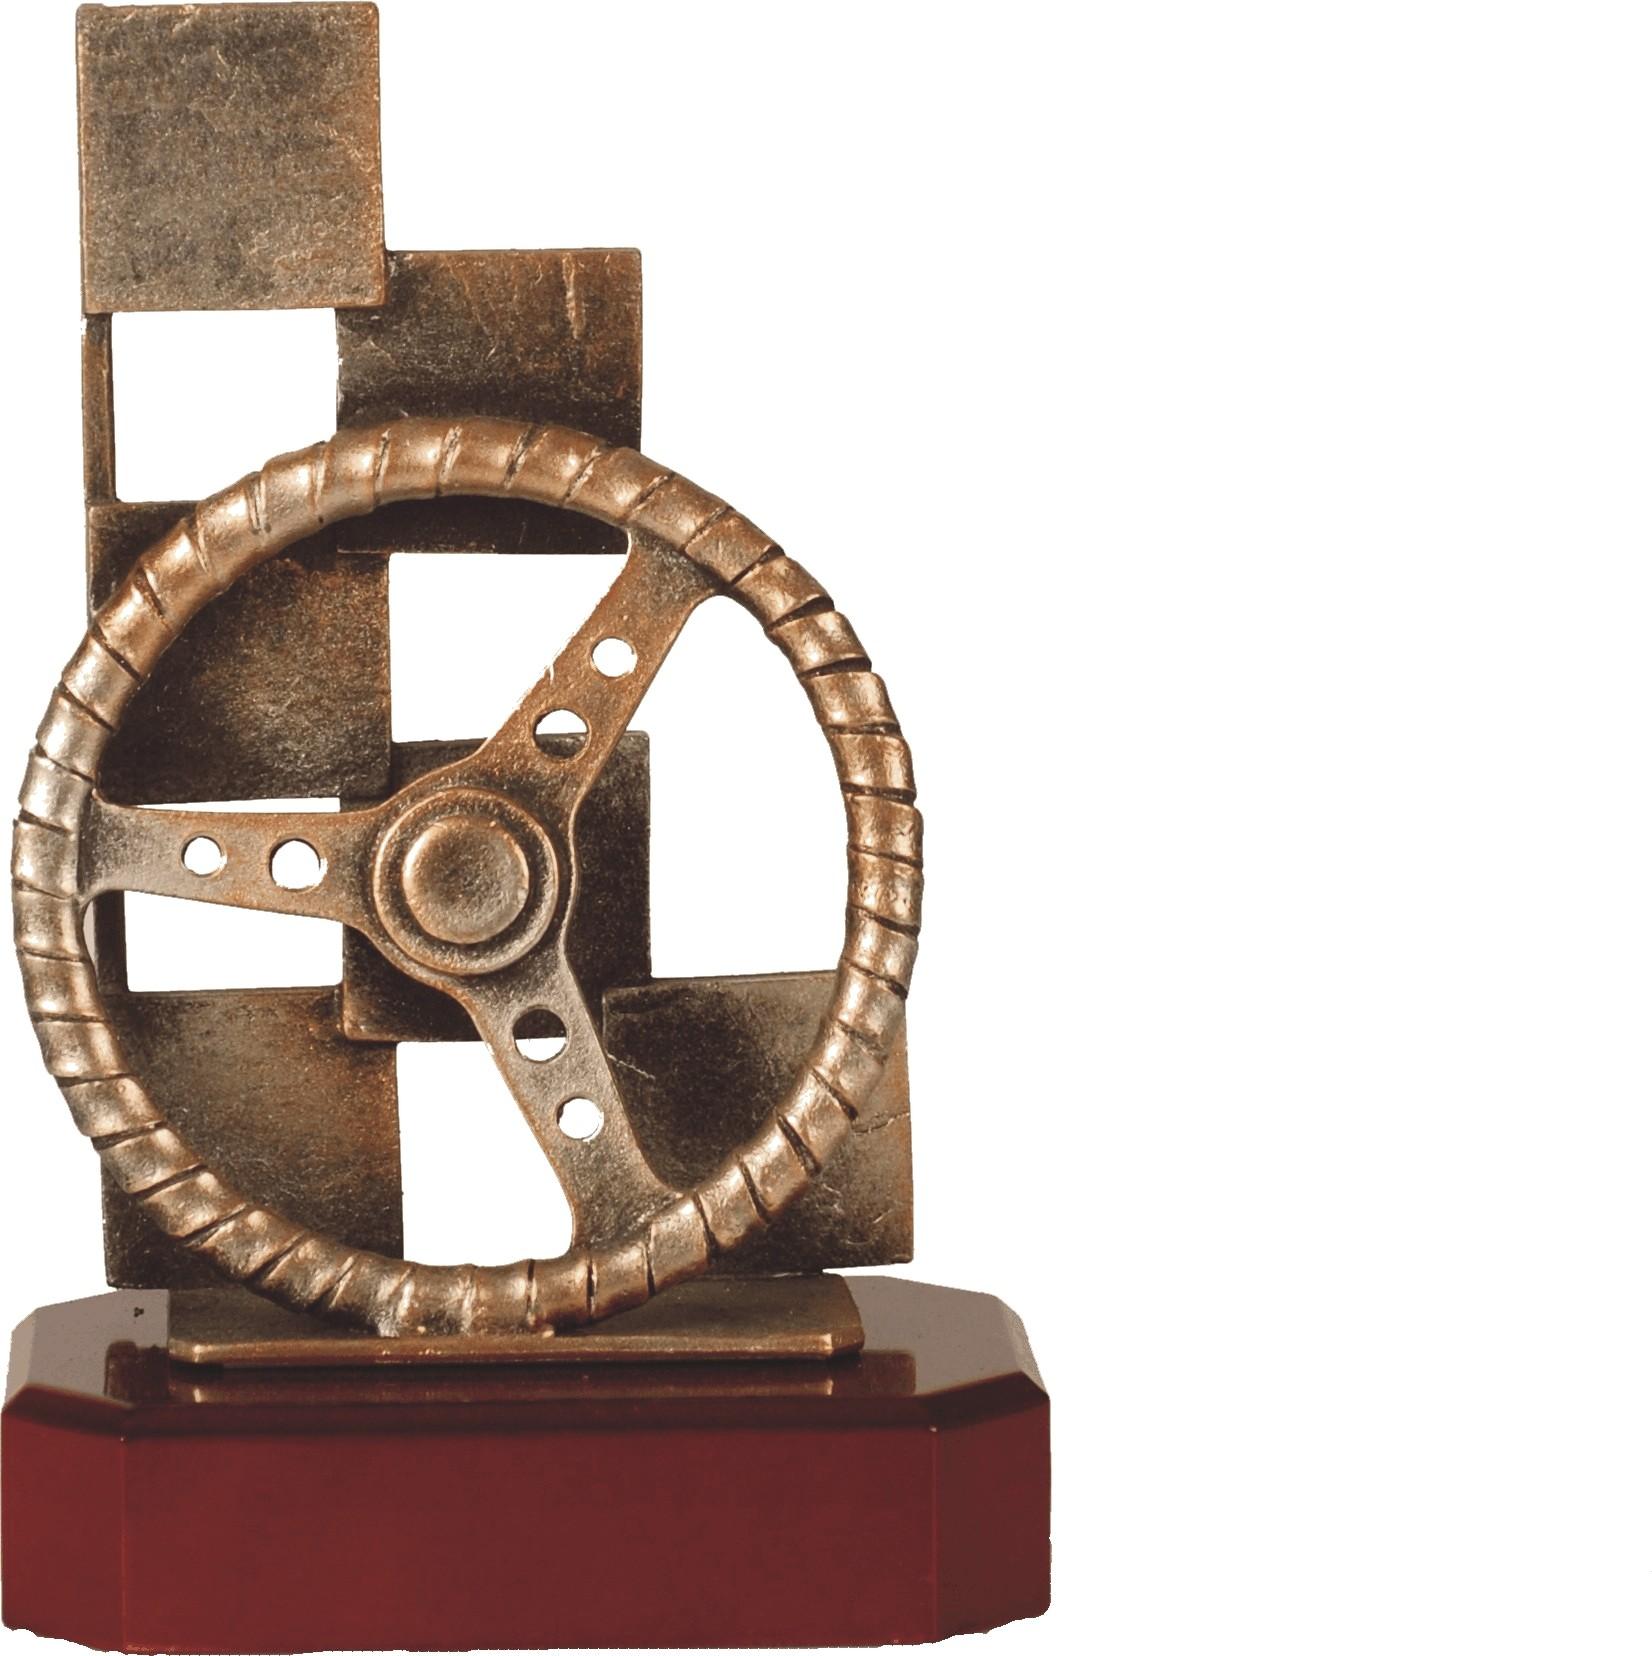 Luxe trofee autostuur / stuur 21,5cm WBEL 219B